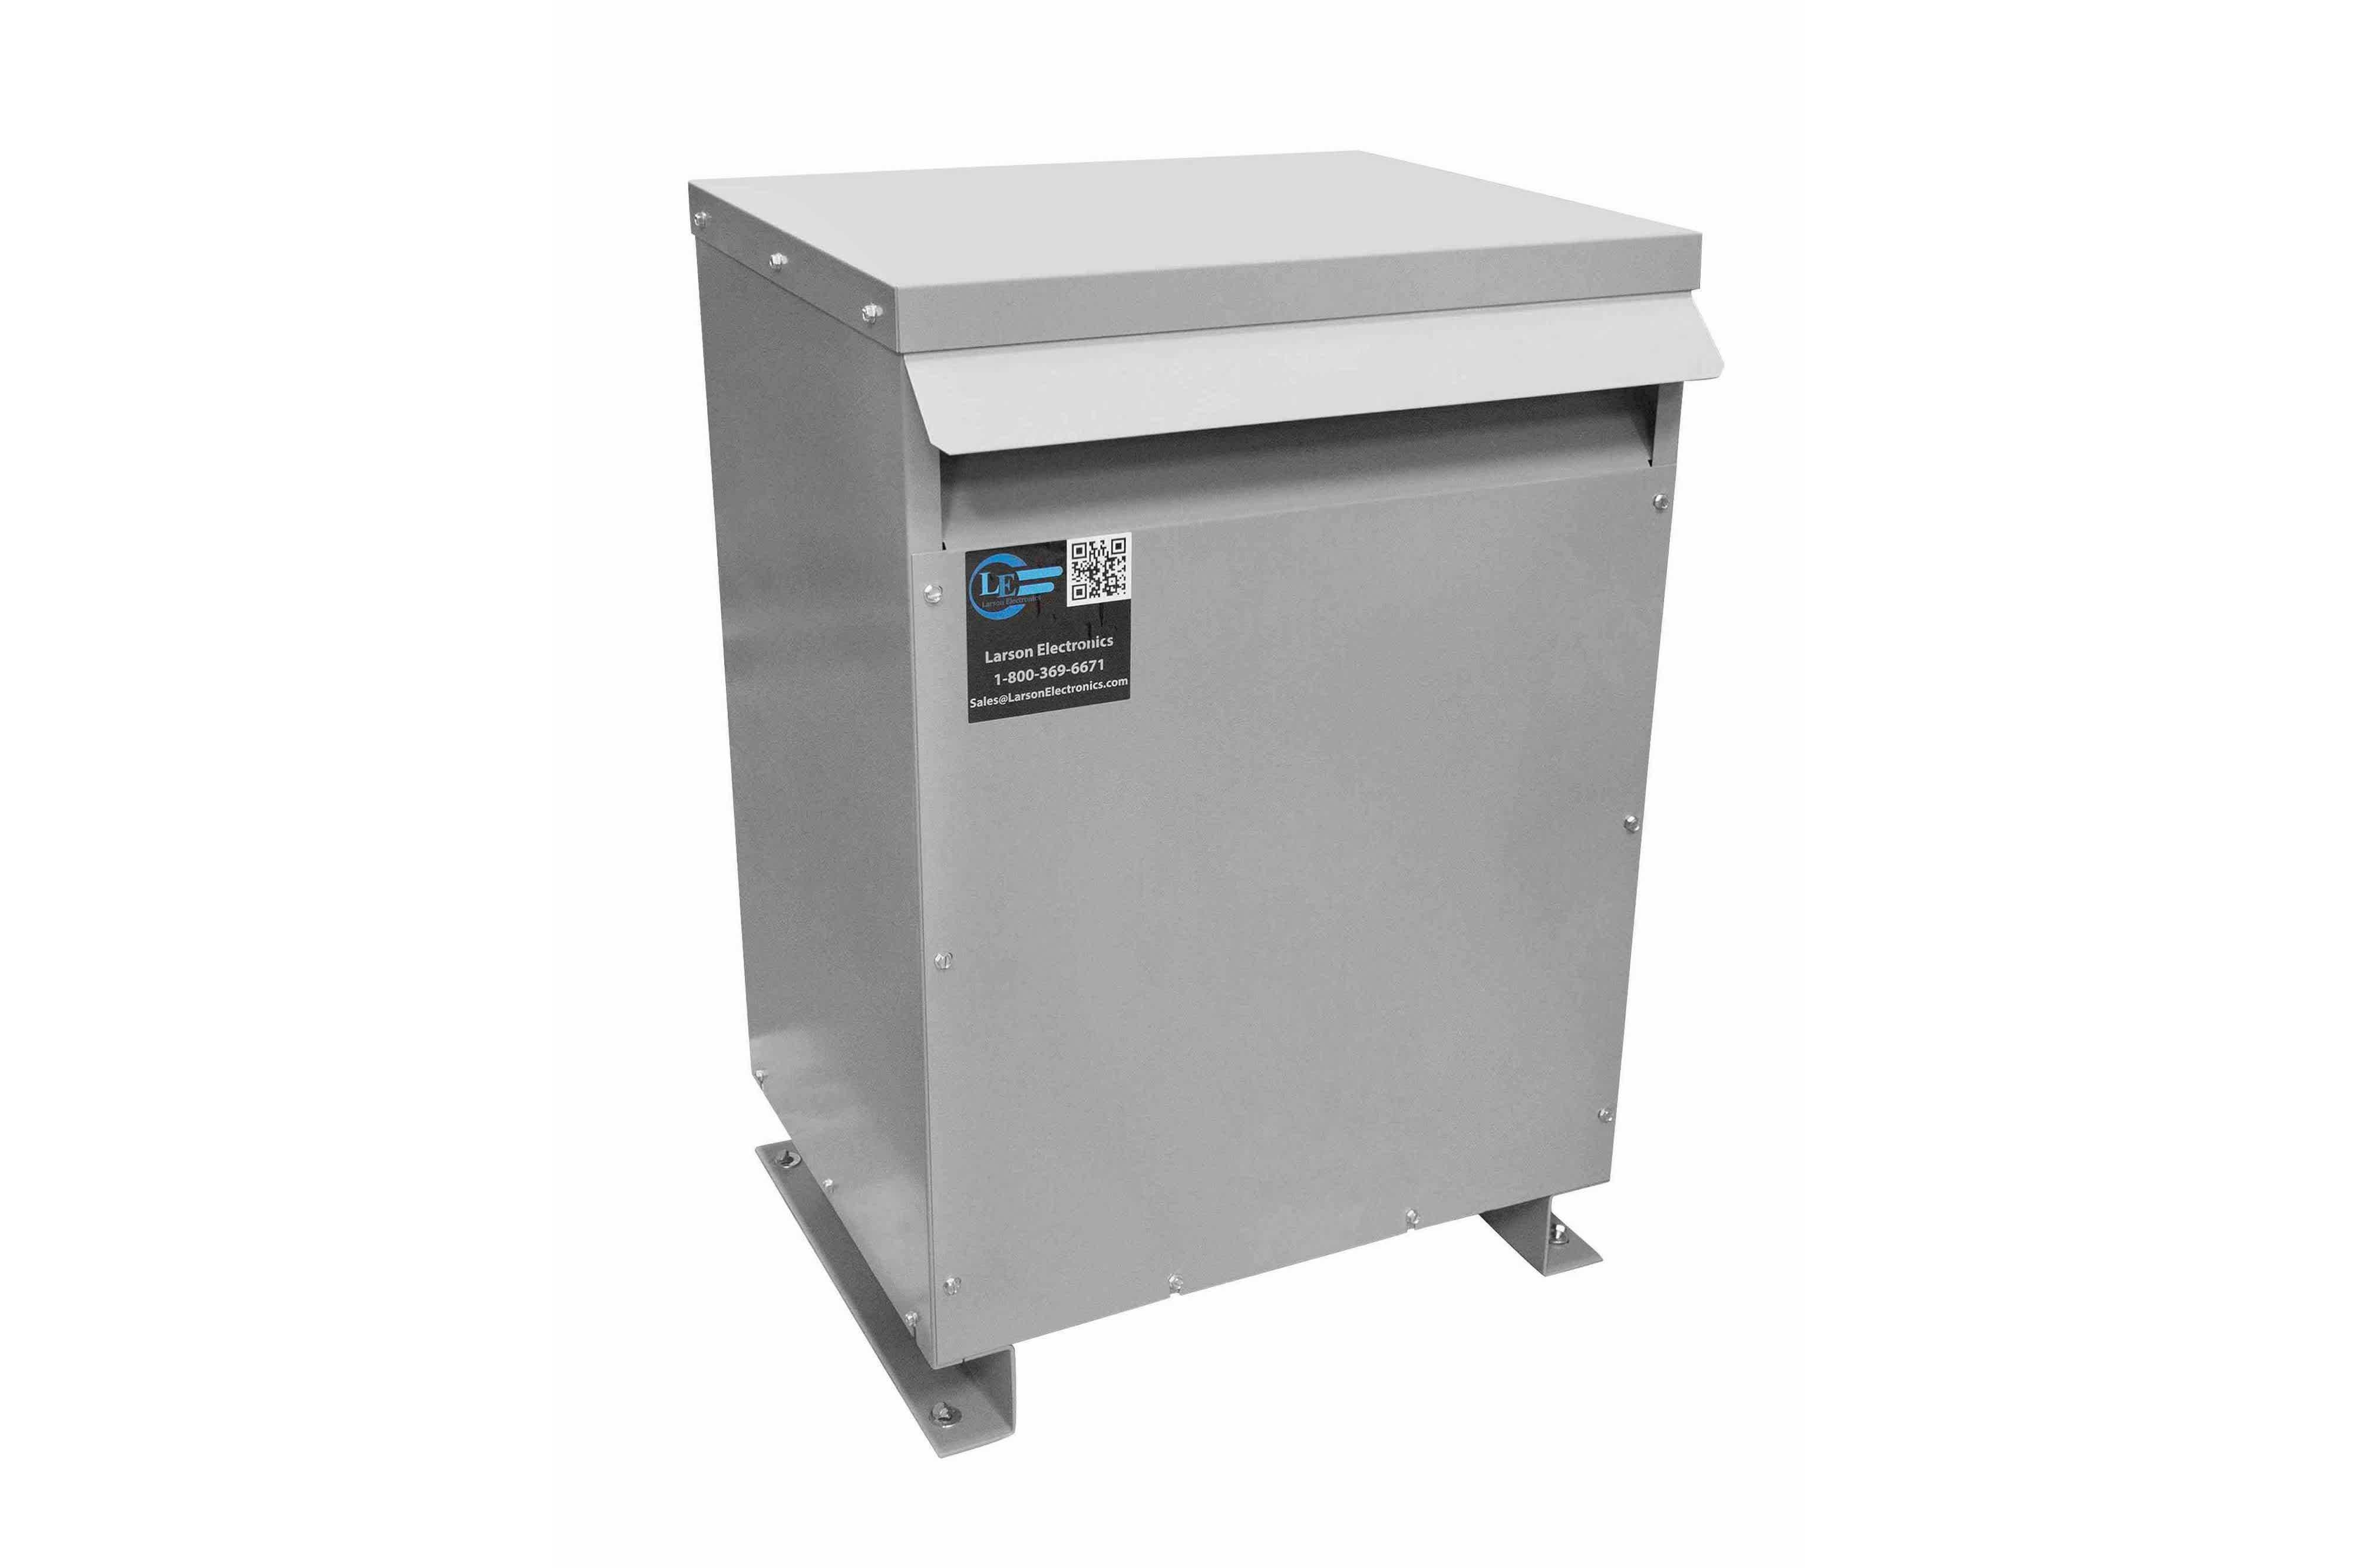 14 kVA 3PH Isolation Transformer, 480V Delta Primary, 380V Delta Secondary, N3R, Ventilated, 60 Hz